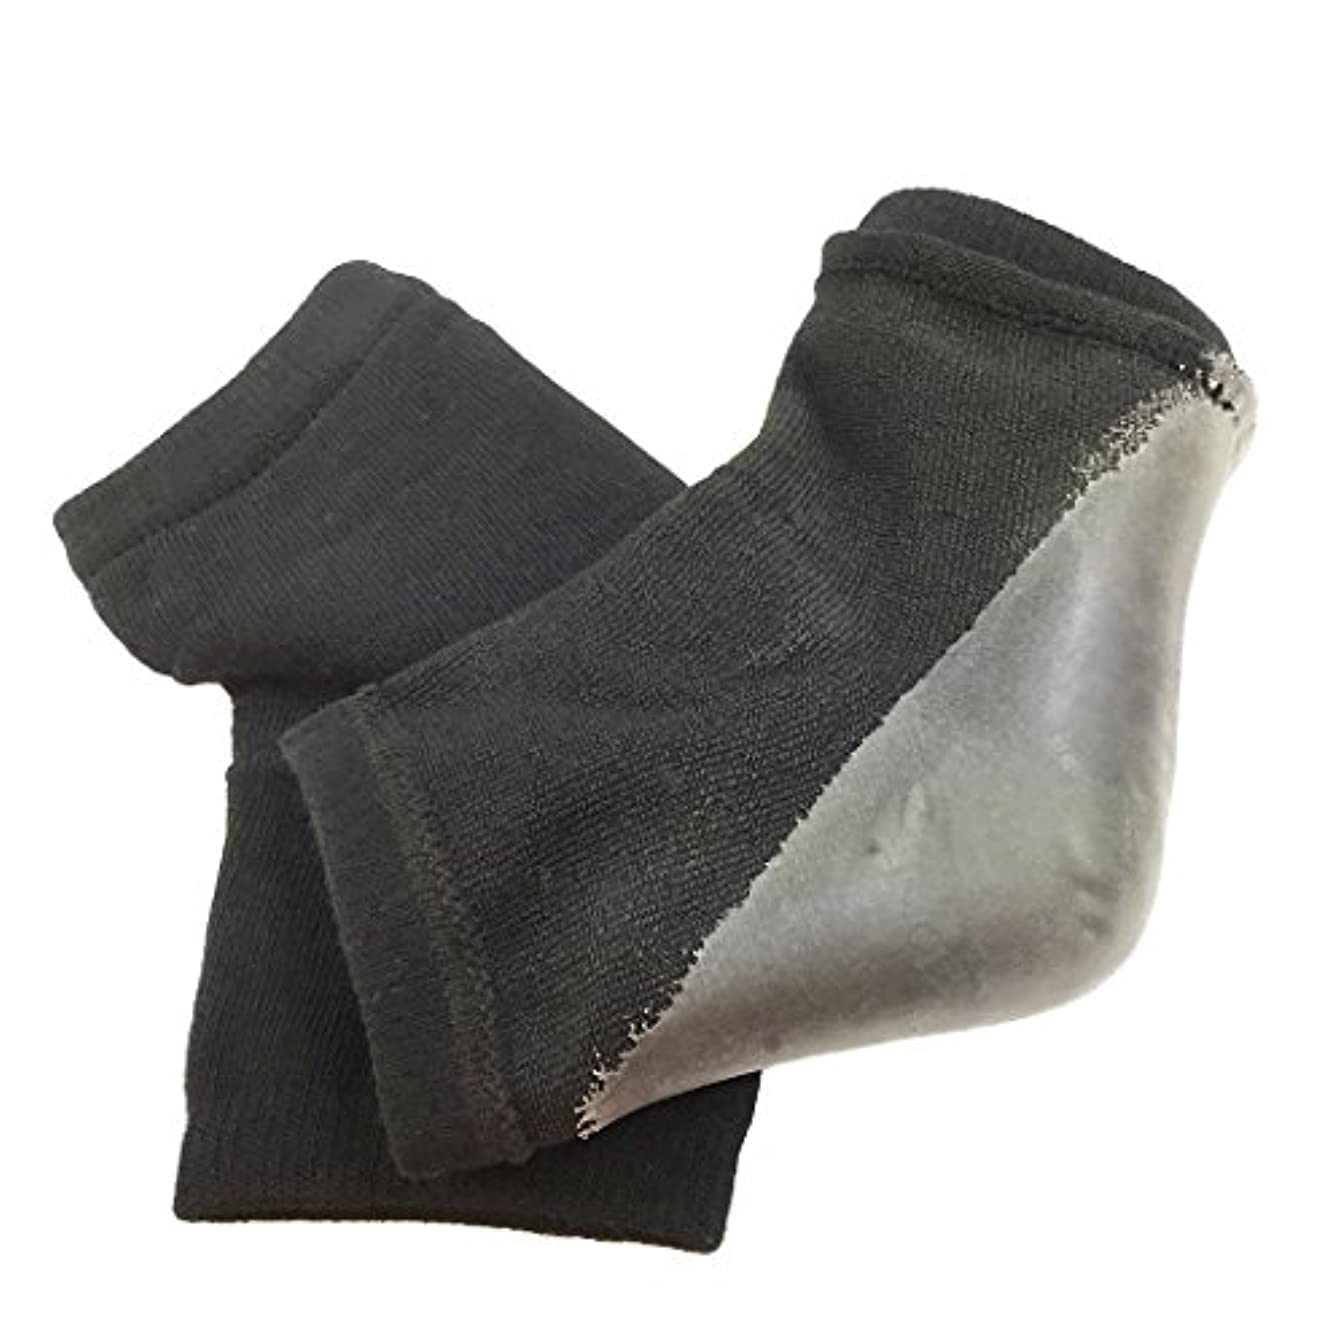 最適固有の定期的にfla-coco かかとケアソックス 【同色2足入り】 靴下 フットケア 角質ケア ひび割れ ガサガサ 保湿 ソックス (ブラック【2足】)